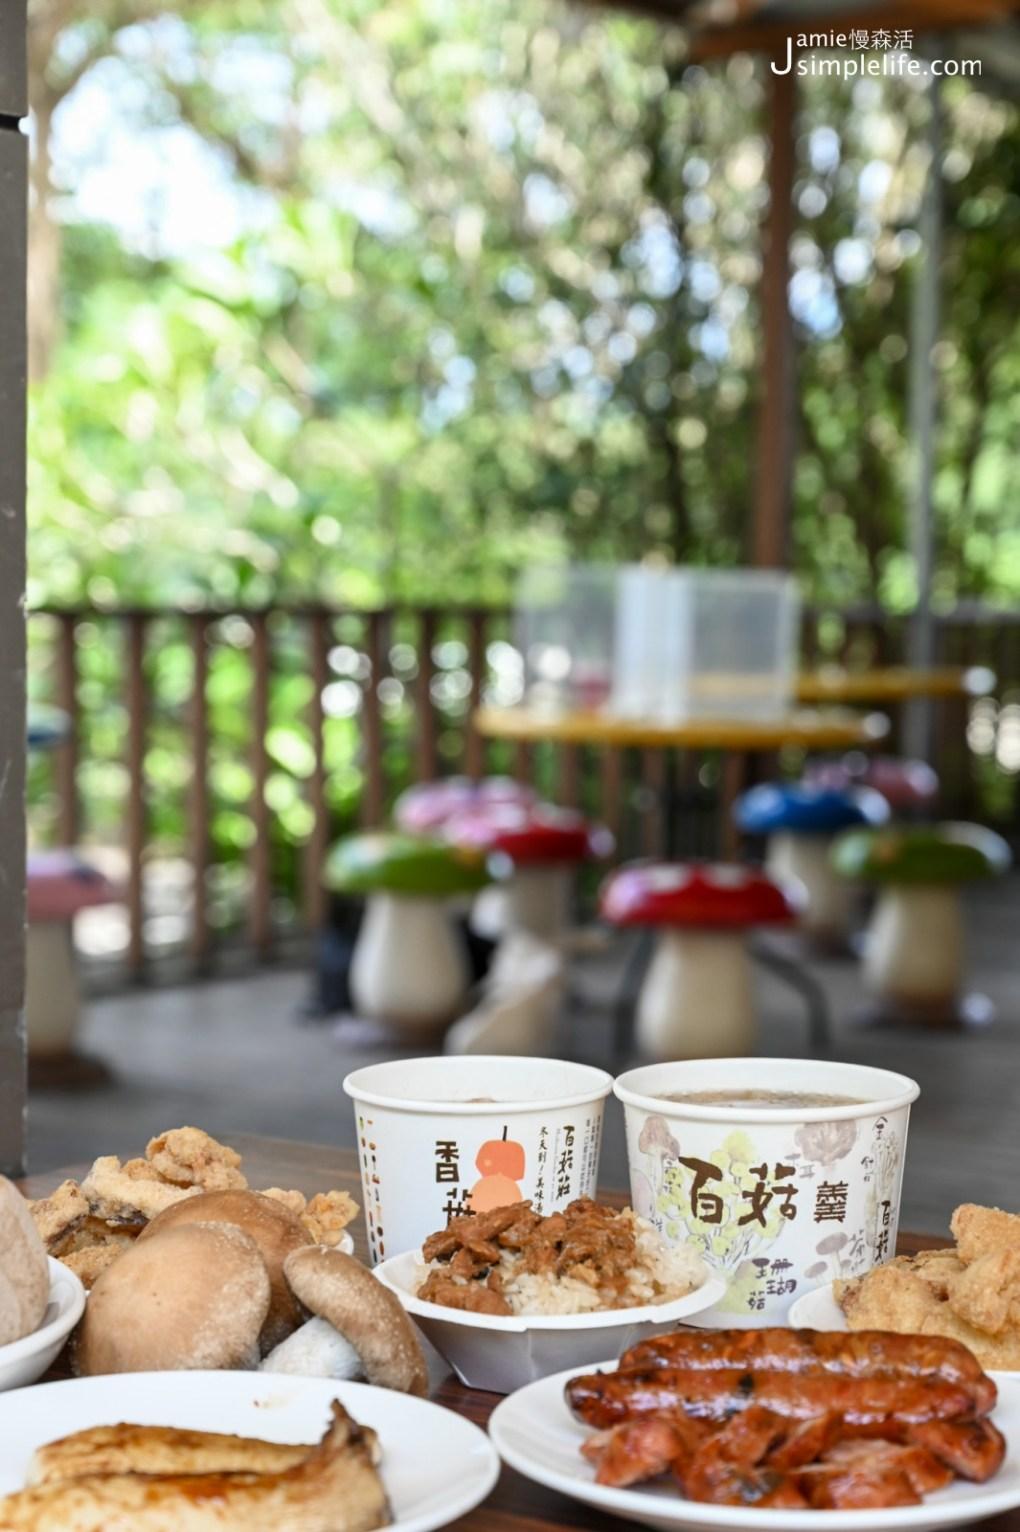 品嚐「新社百菇莊」驛站銅板美食